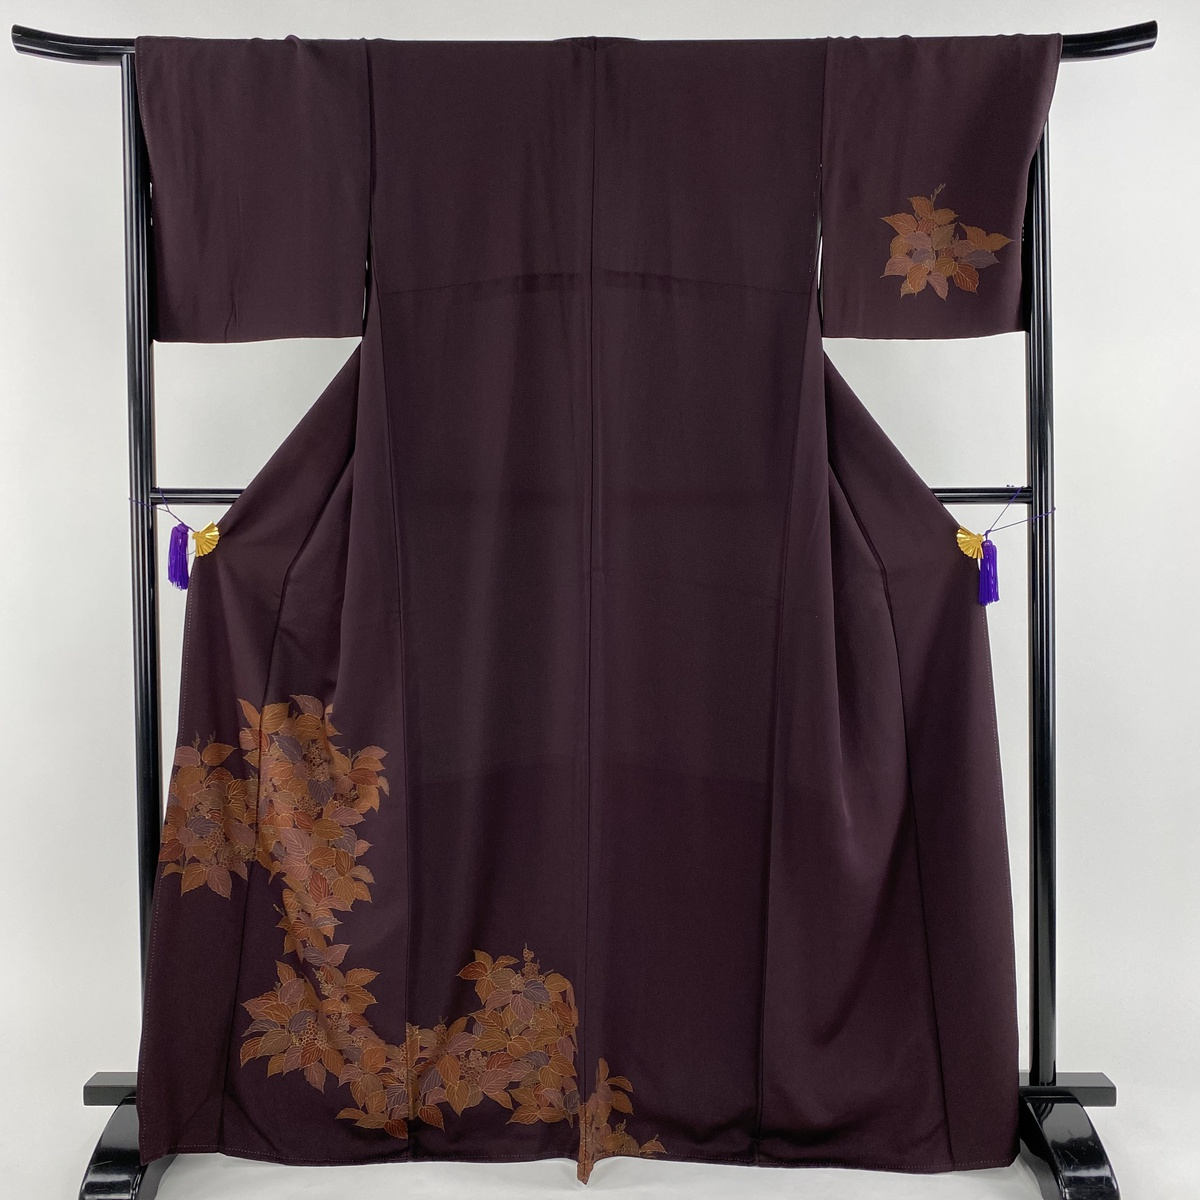 付下げ 美品 秀品 葉 実 刺繍 紫 袷 身丈167cm 裄丈67.5cm L 正絹 【中古】